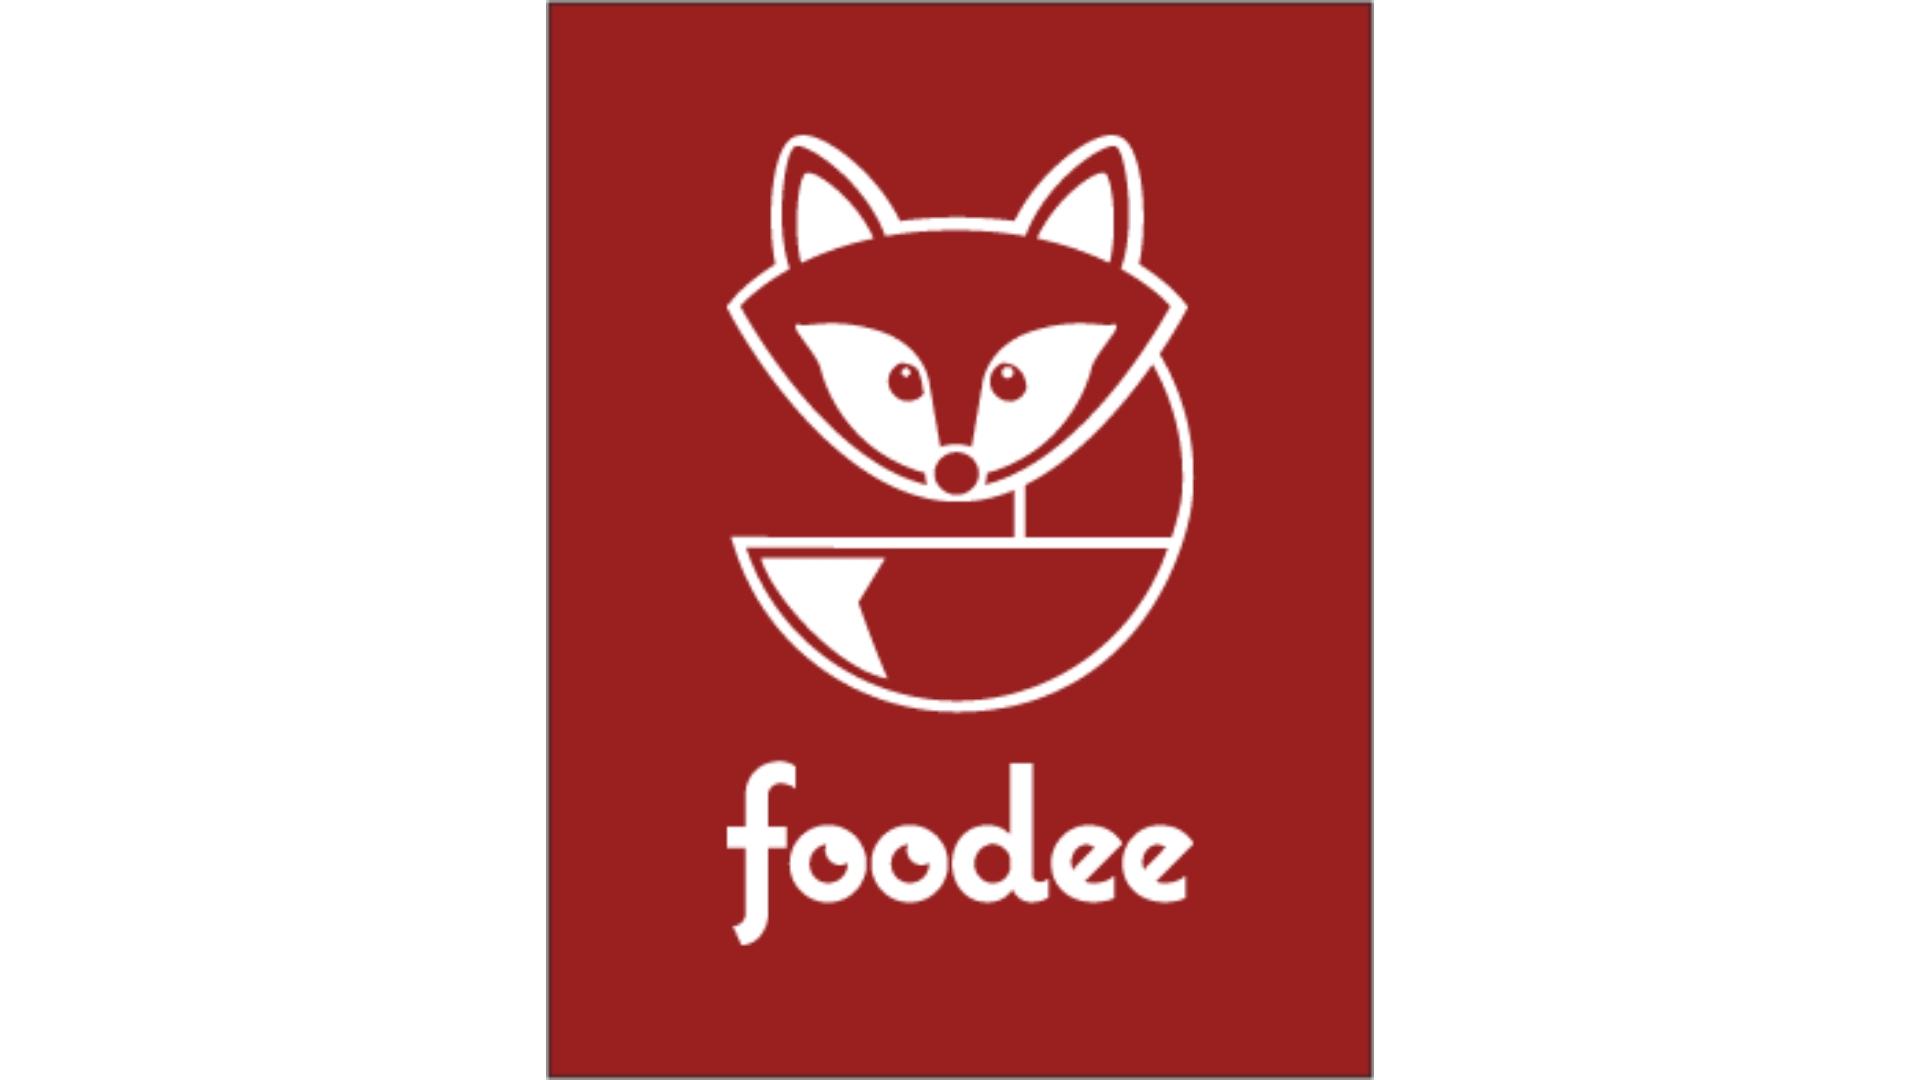 foodee.jpg